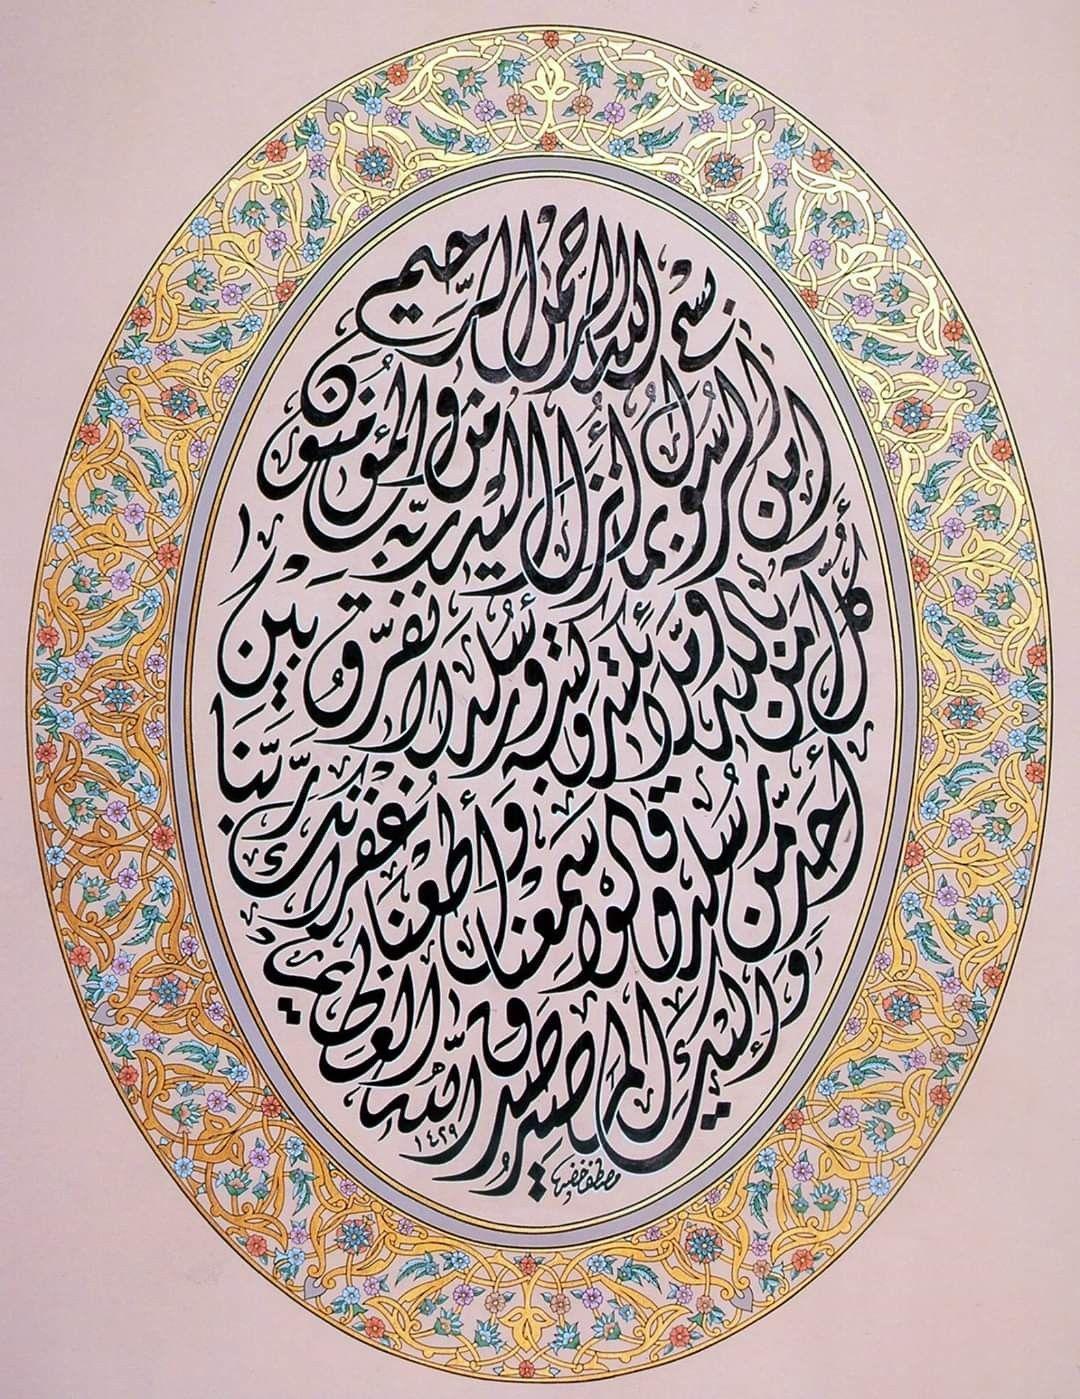 abdullah bulum tarafından آمن الرسول görüntüsü